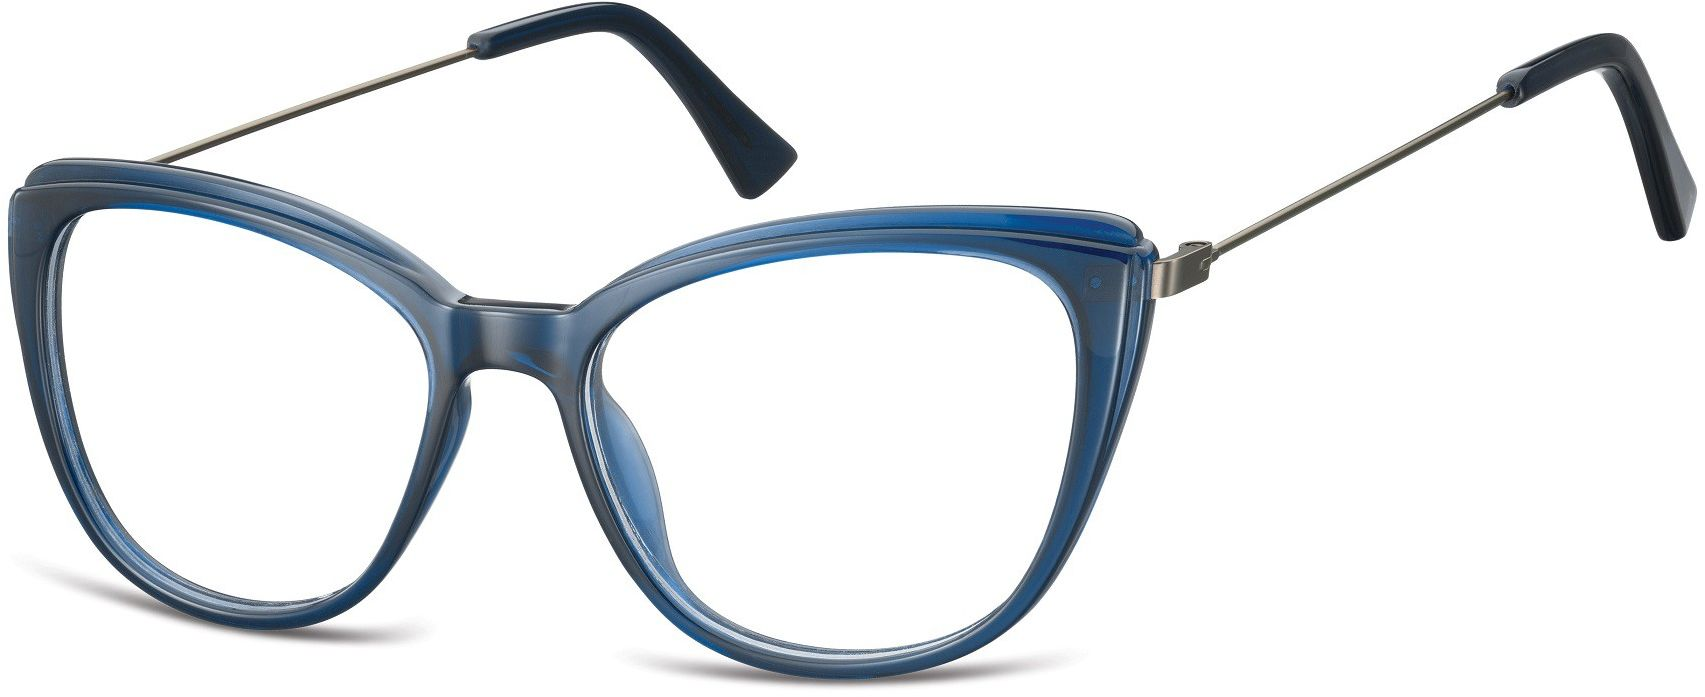 Oprawki korekcyjne okulary Kocie Oczy zerówki damskie CP121B granatowe